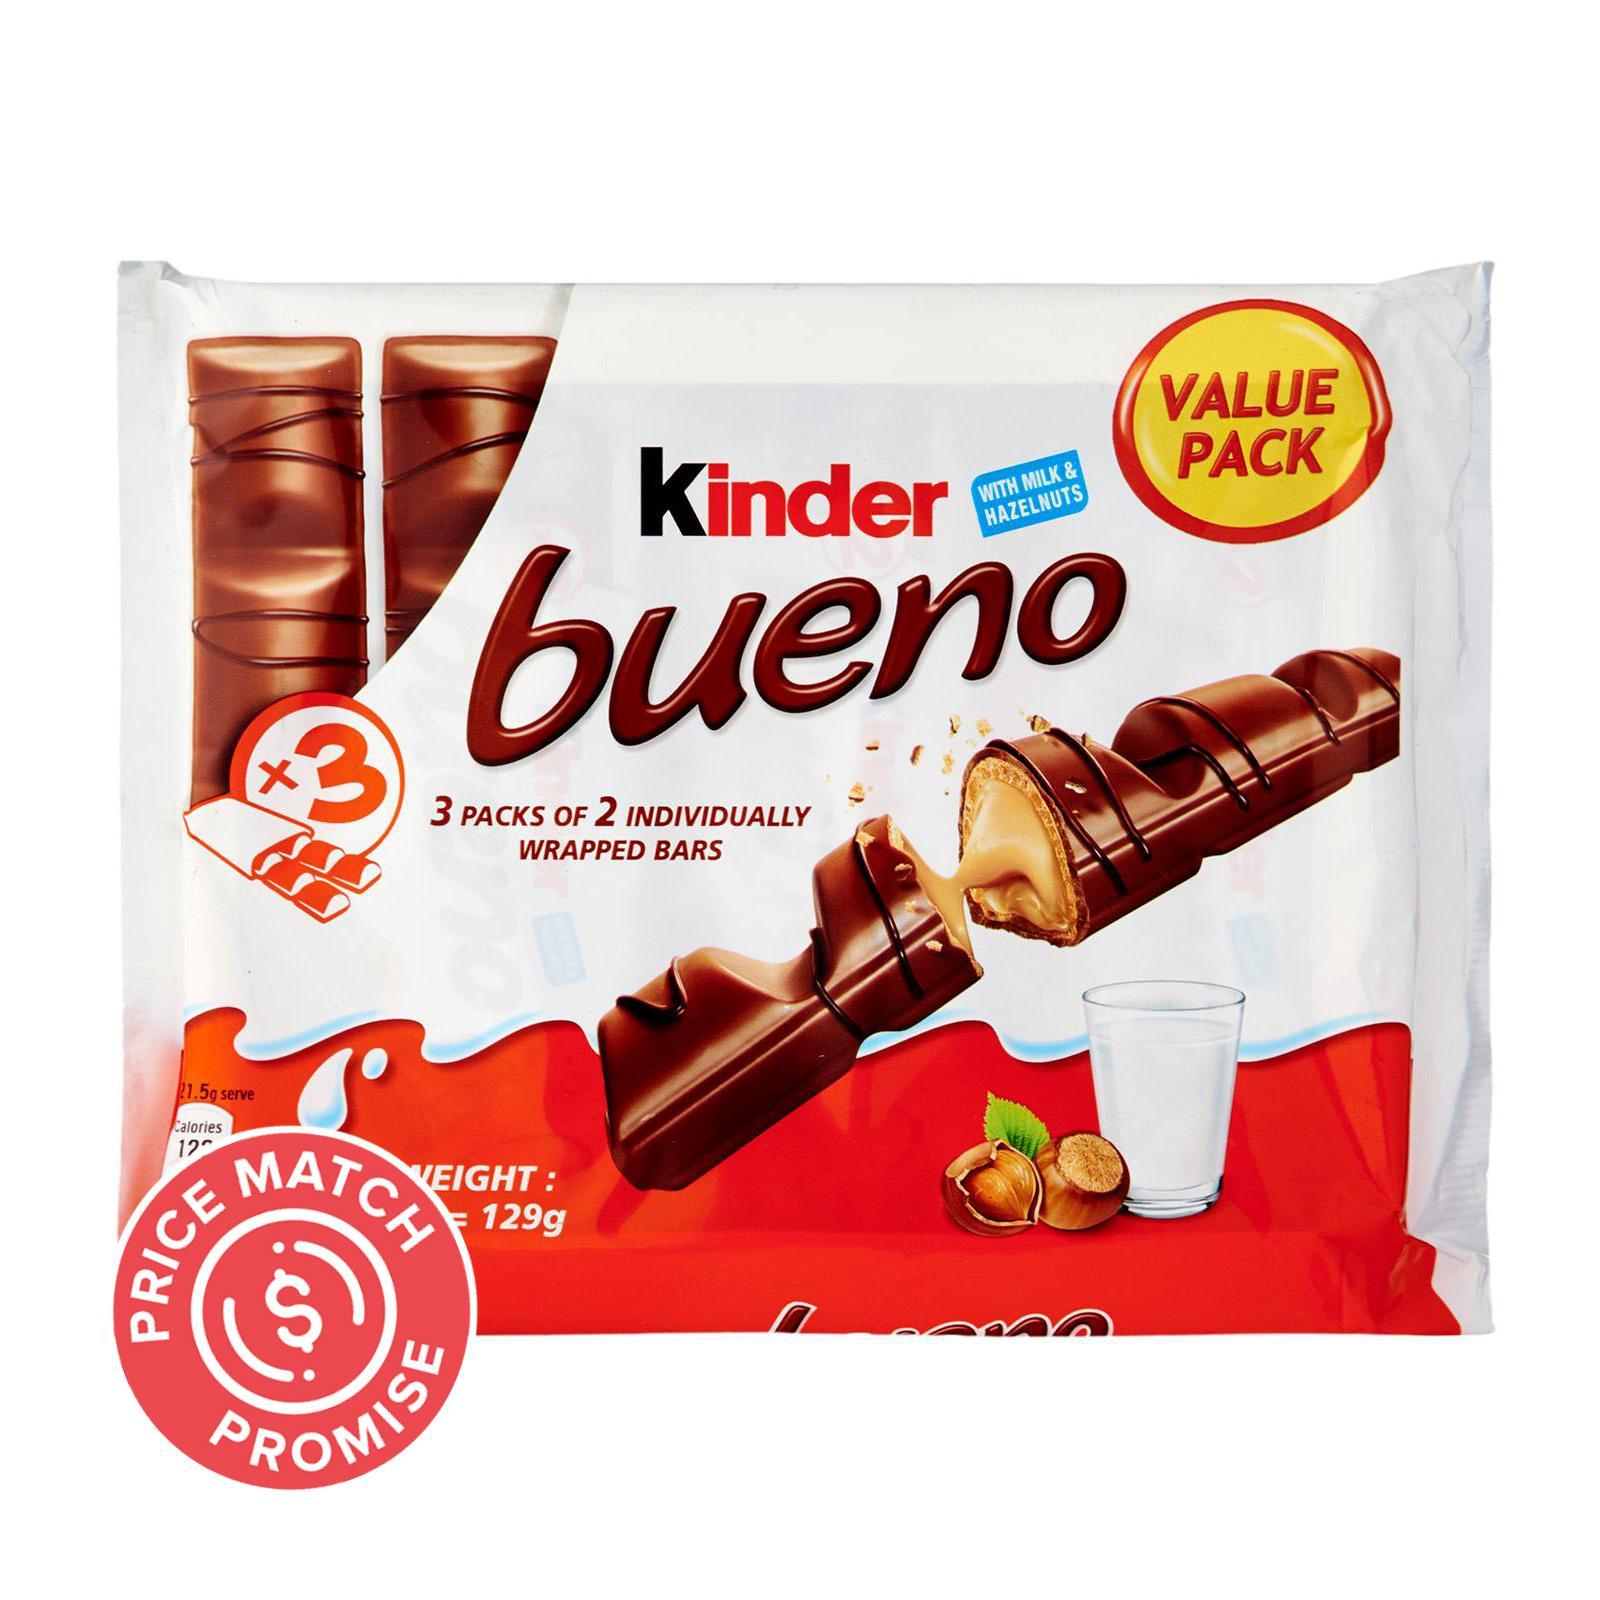 Kinder Bueno Chocolate Wafer Bar - Milk